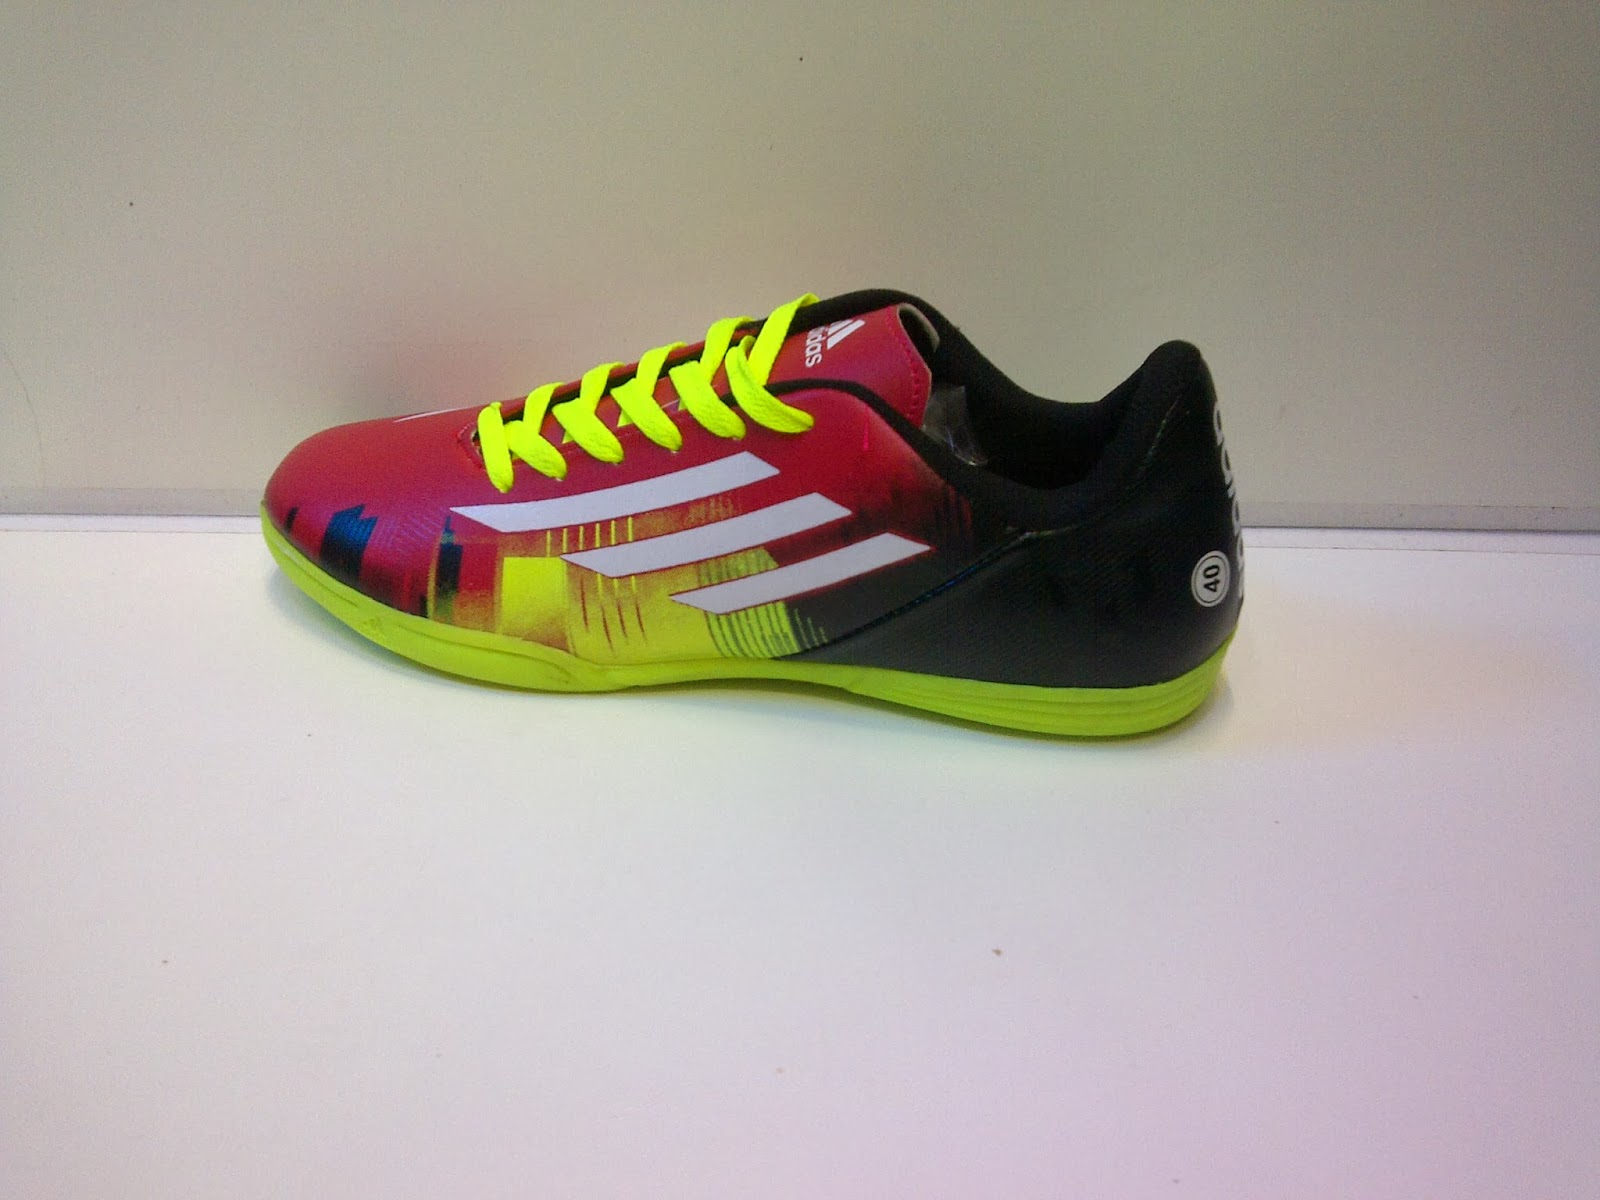 toko Sepatu Adidas F50 Adizero IV IC,onlineSepatu Adidas F50 Adizero IV IC,